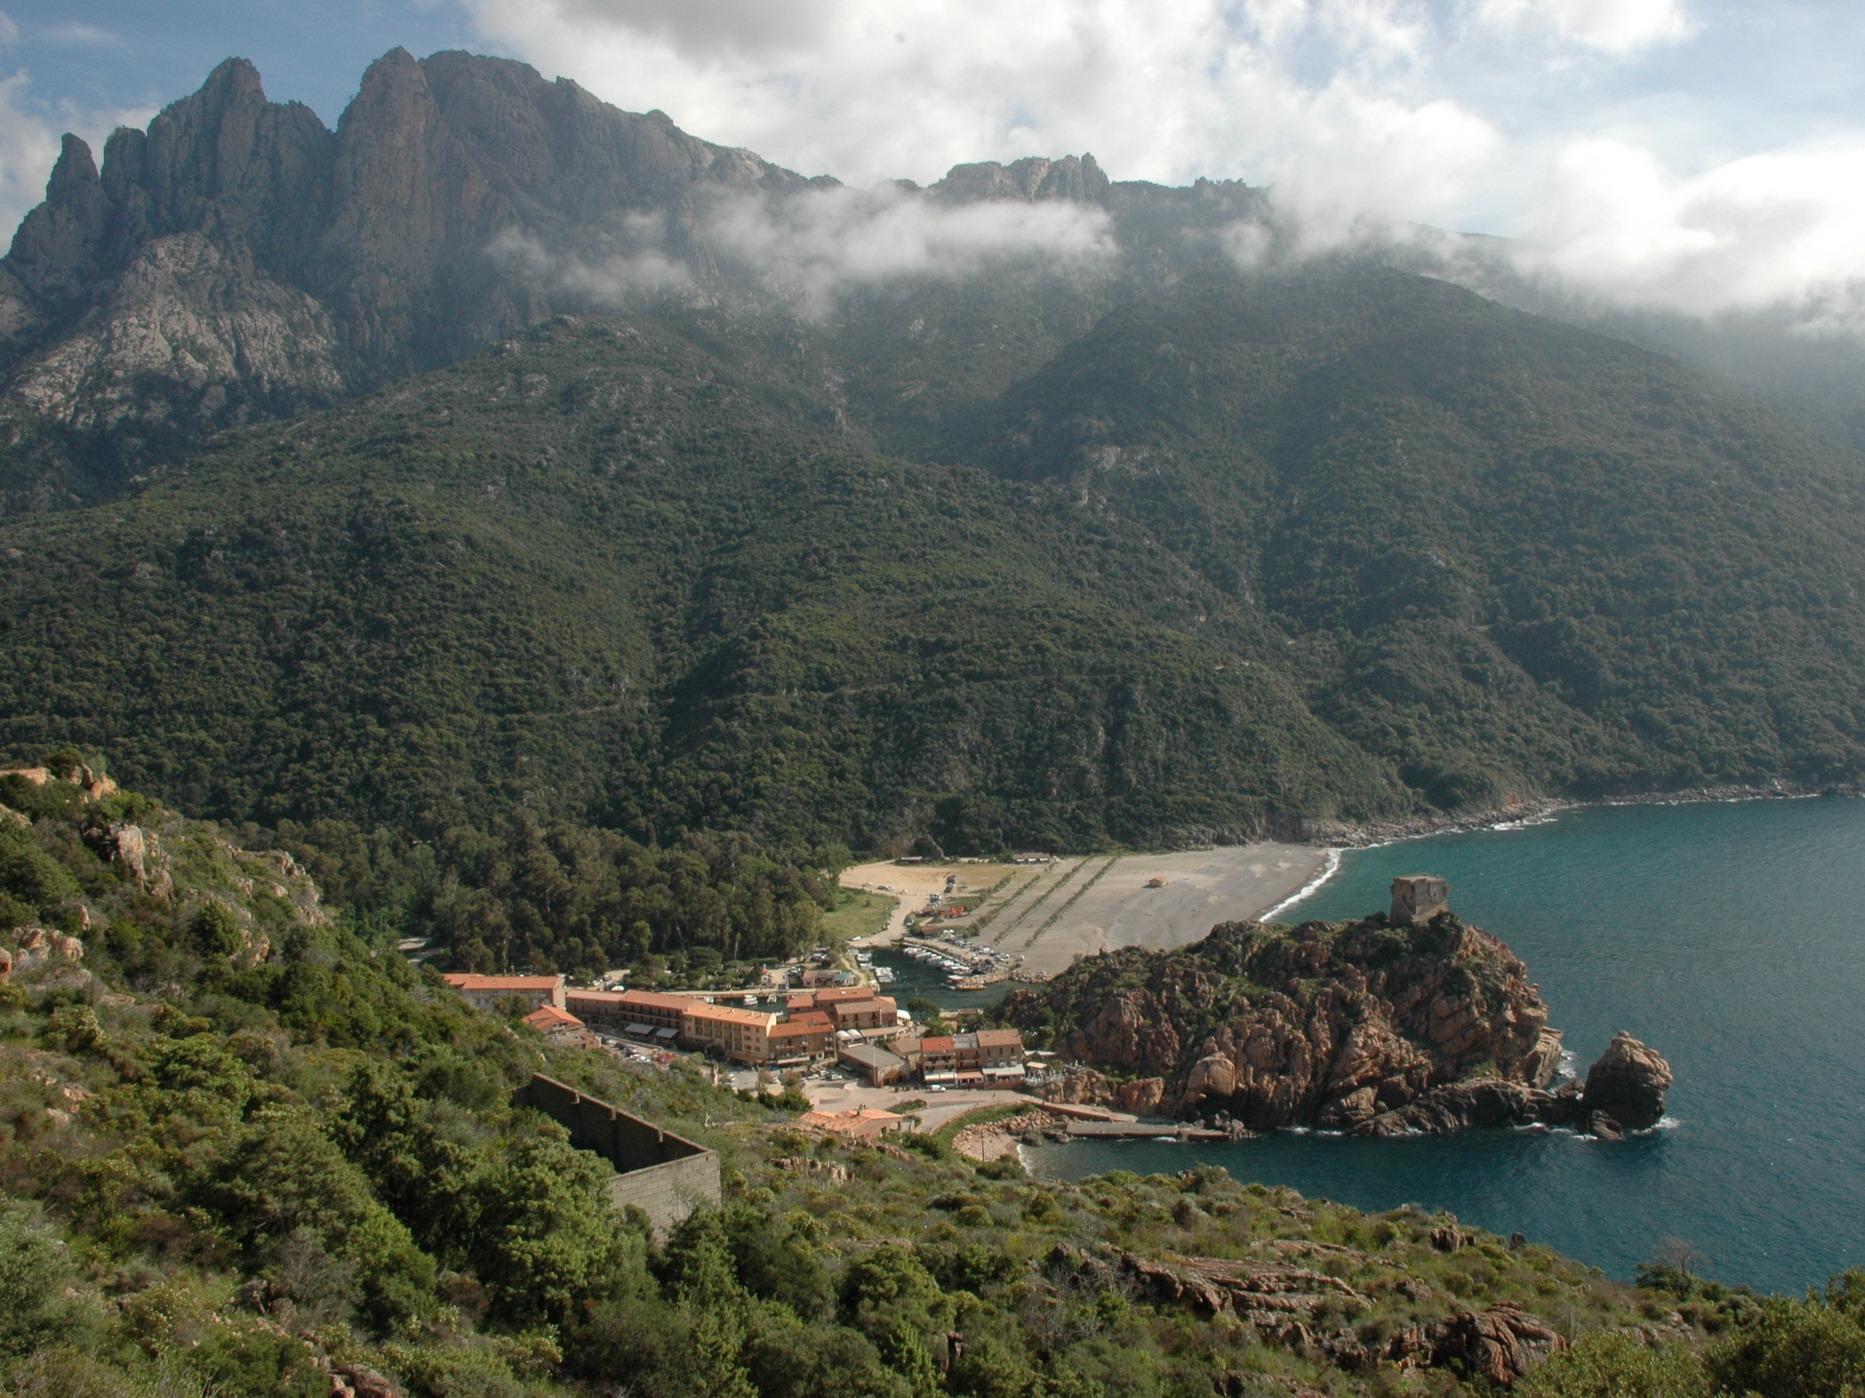 Wandelvakantie Frankrijk - Corsica in Vizzavona (Corsica, Frankrijk)